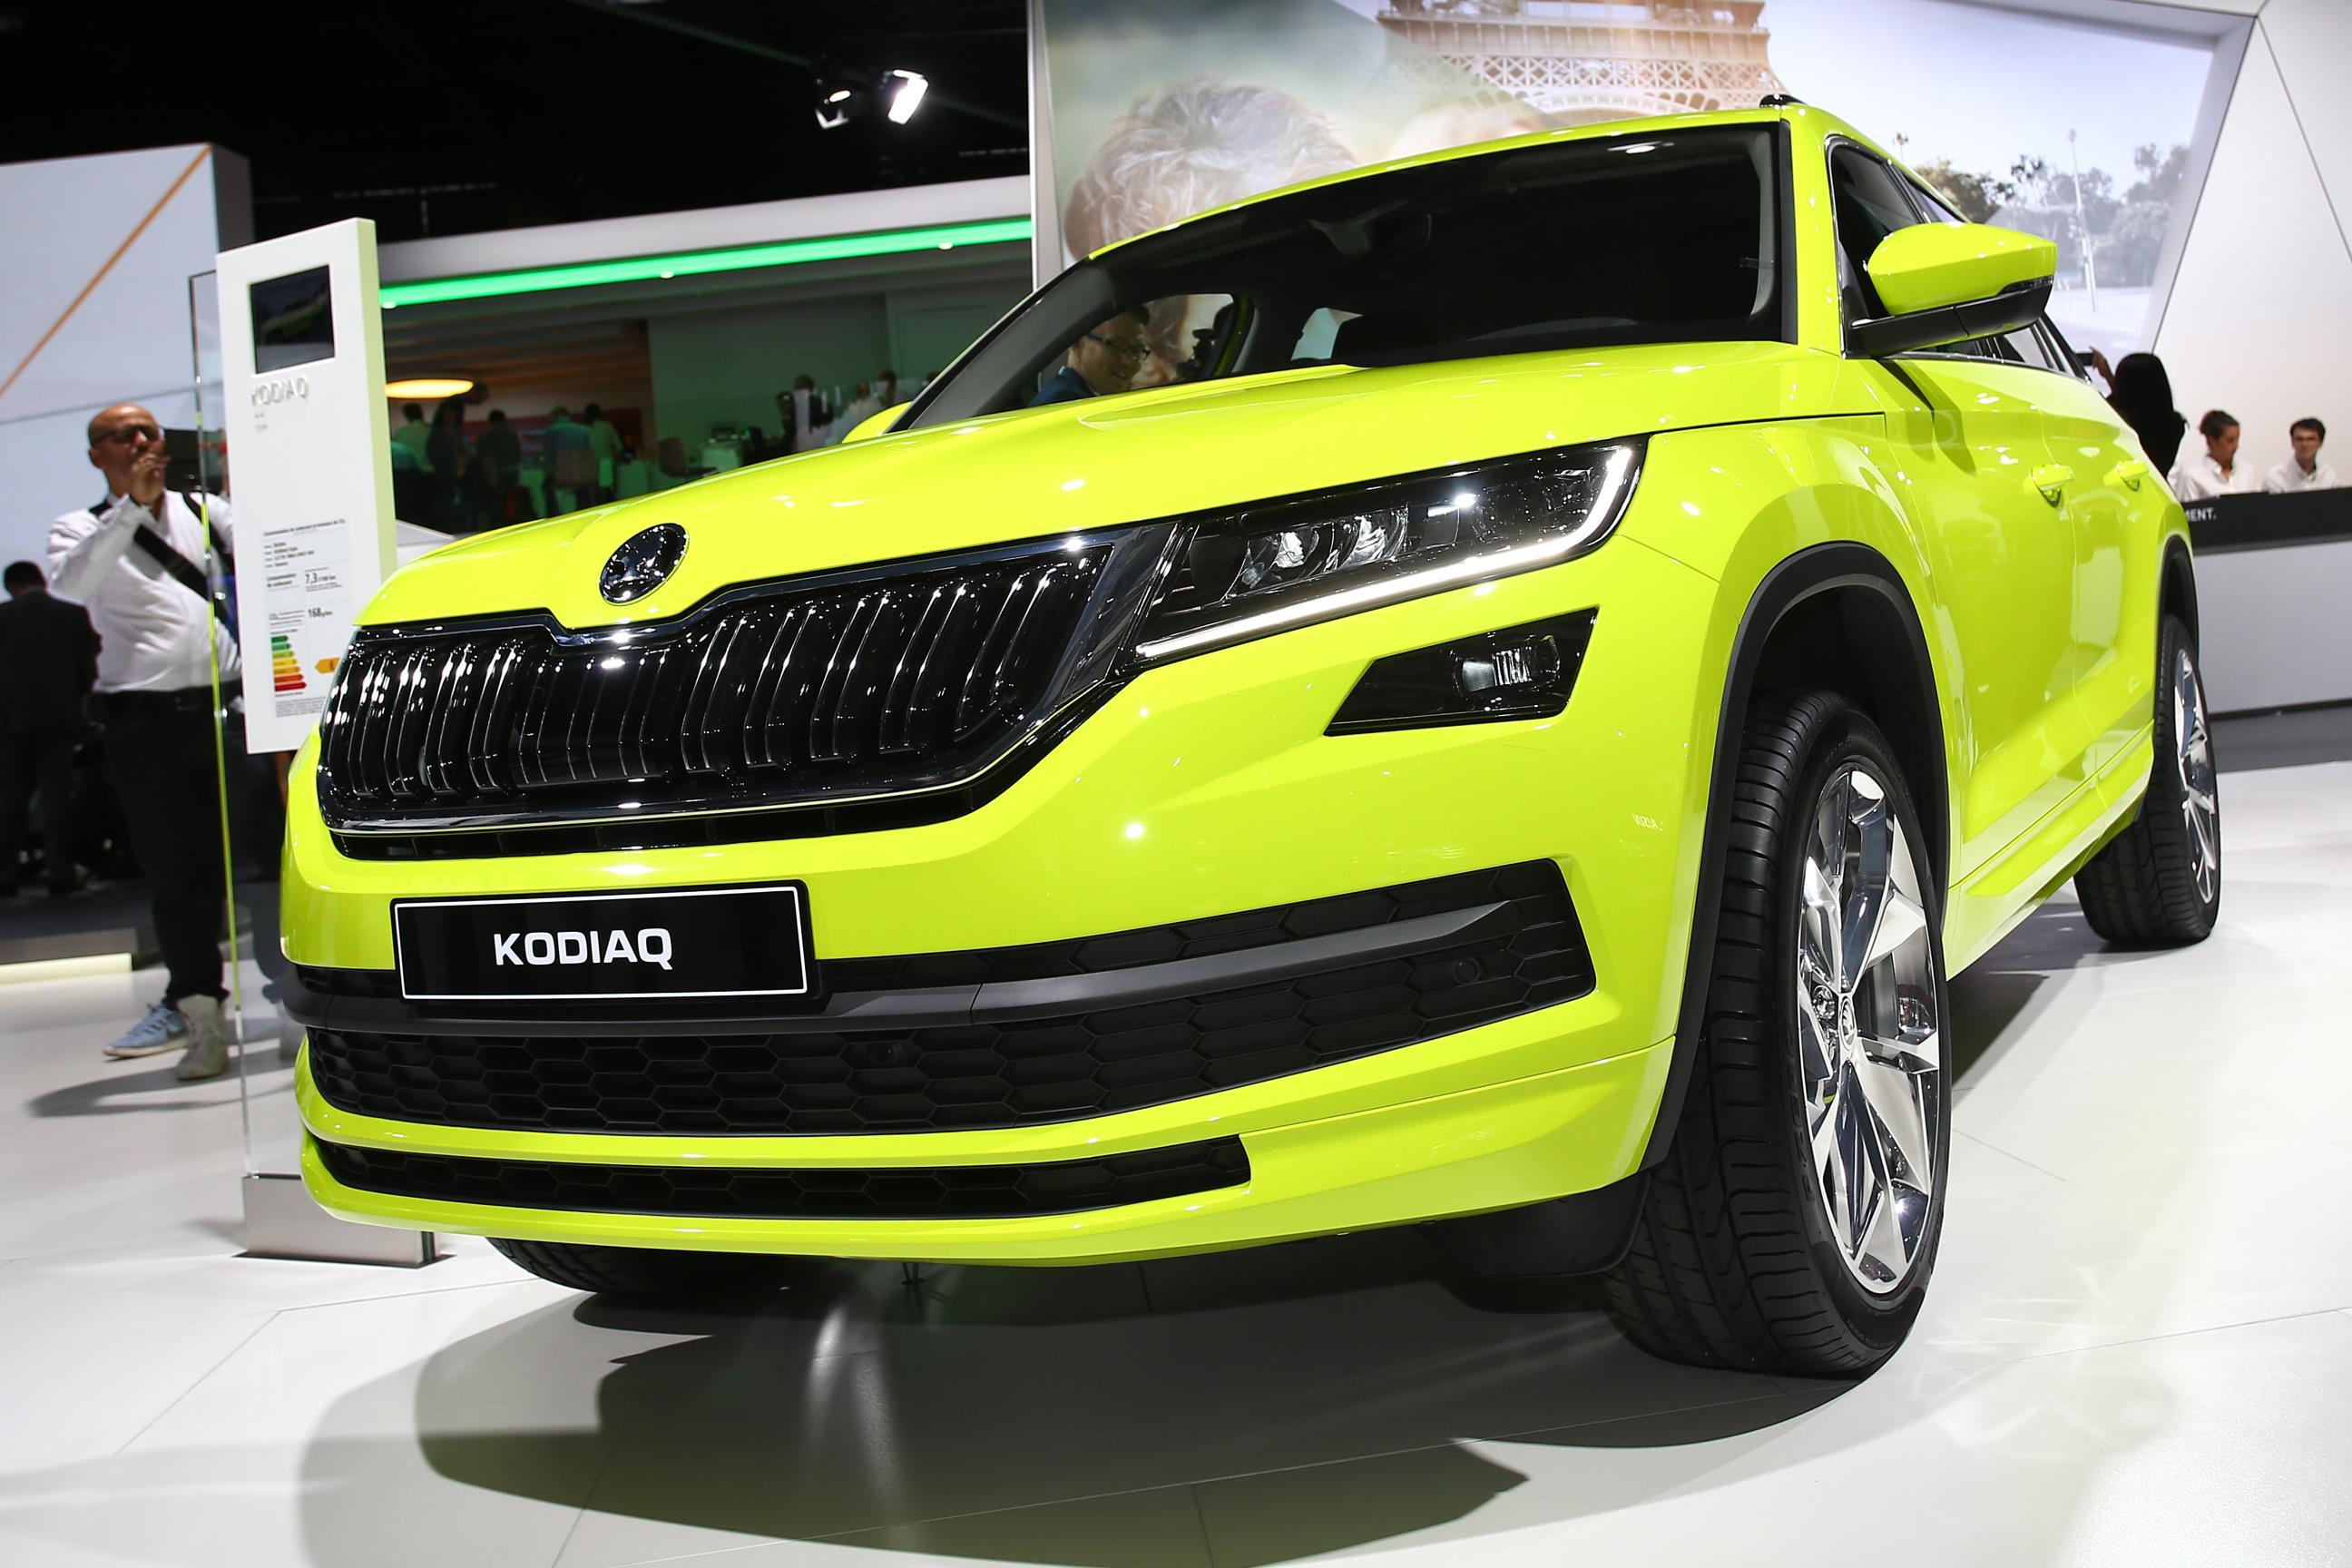 skoda kodiaq brings speed yellowgreen paint and door protectors to